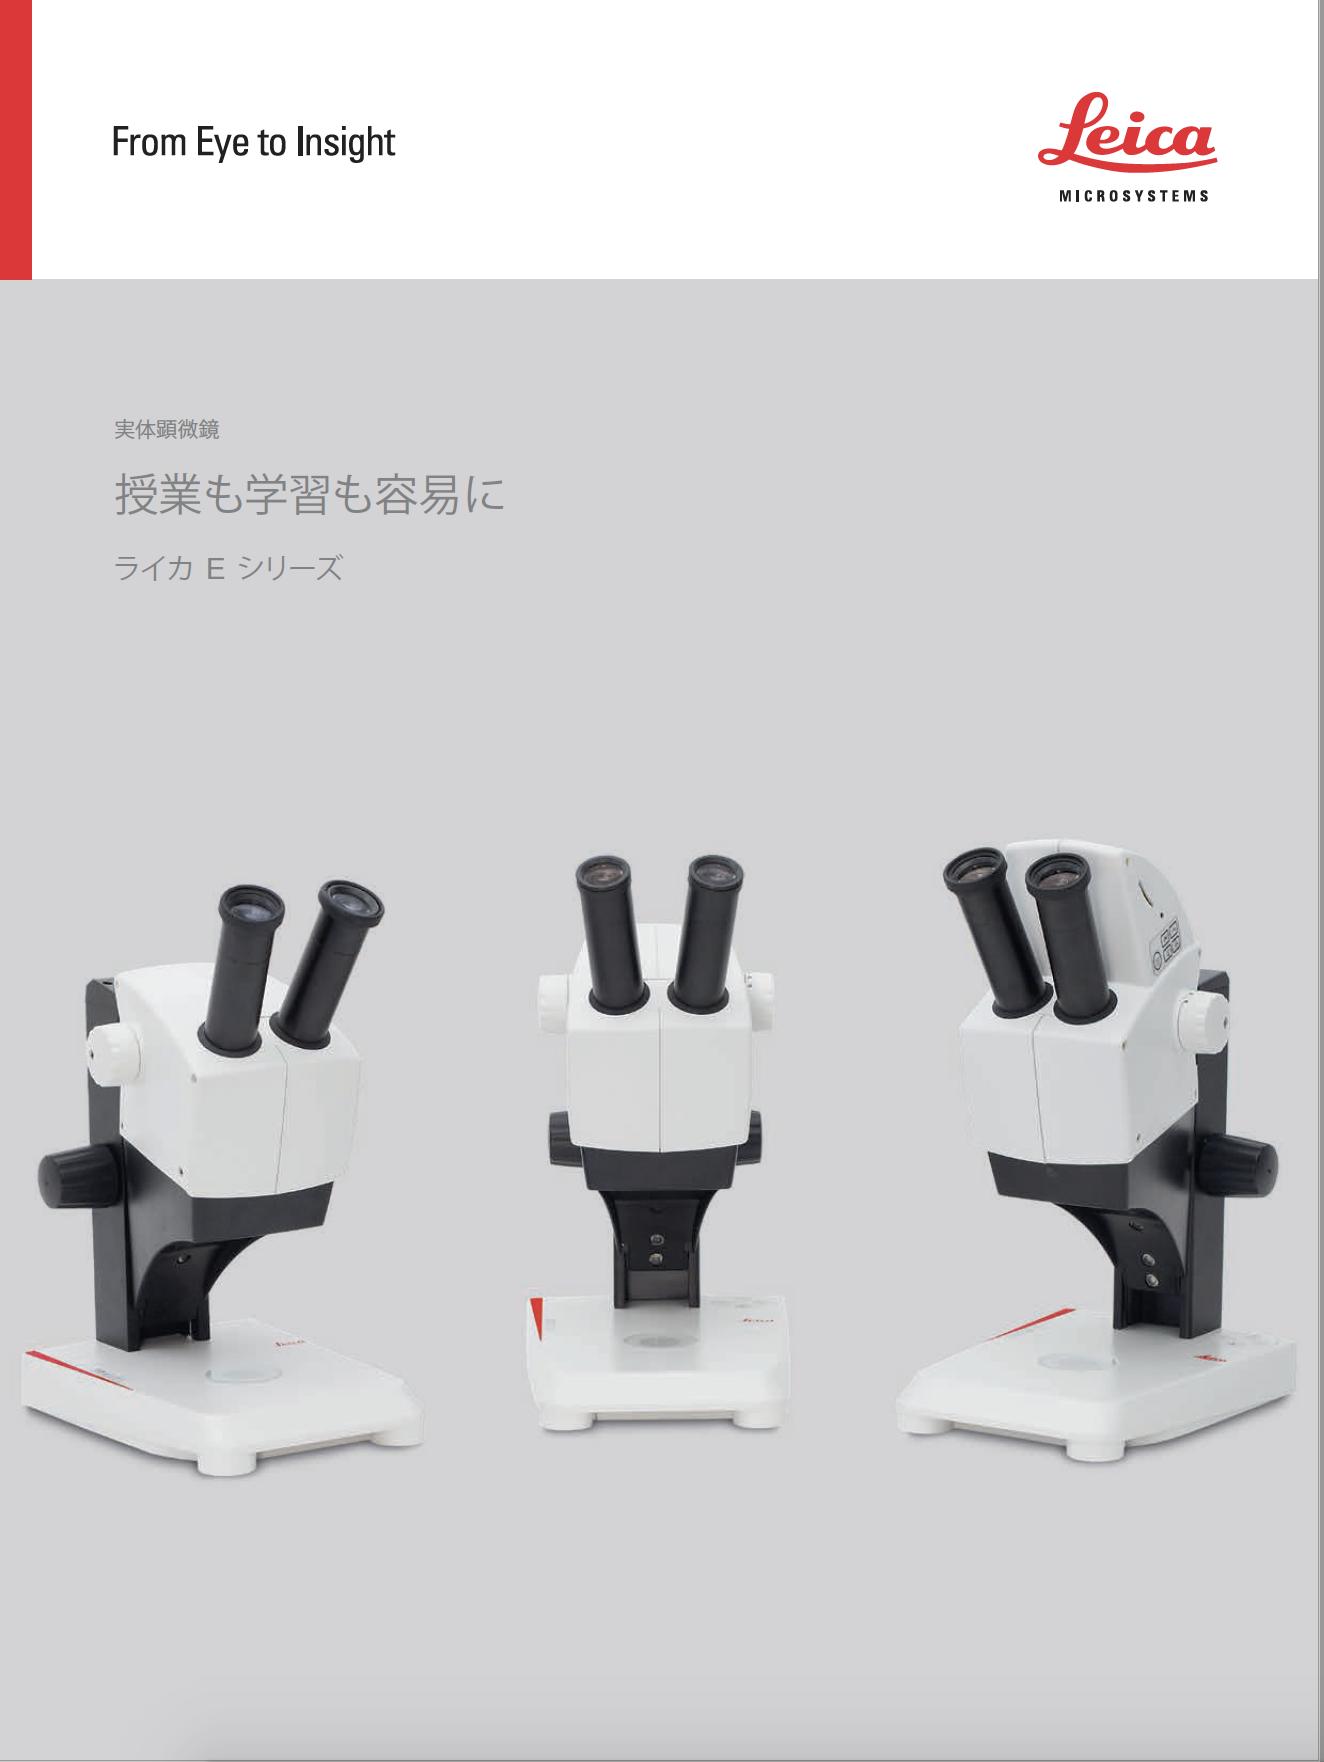 ダウンロード/実体顕微鏡 EZ4/EZ4 W/EZ4 E カタログ